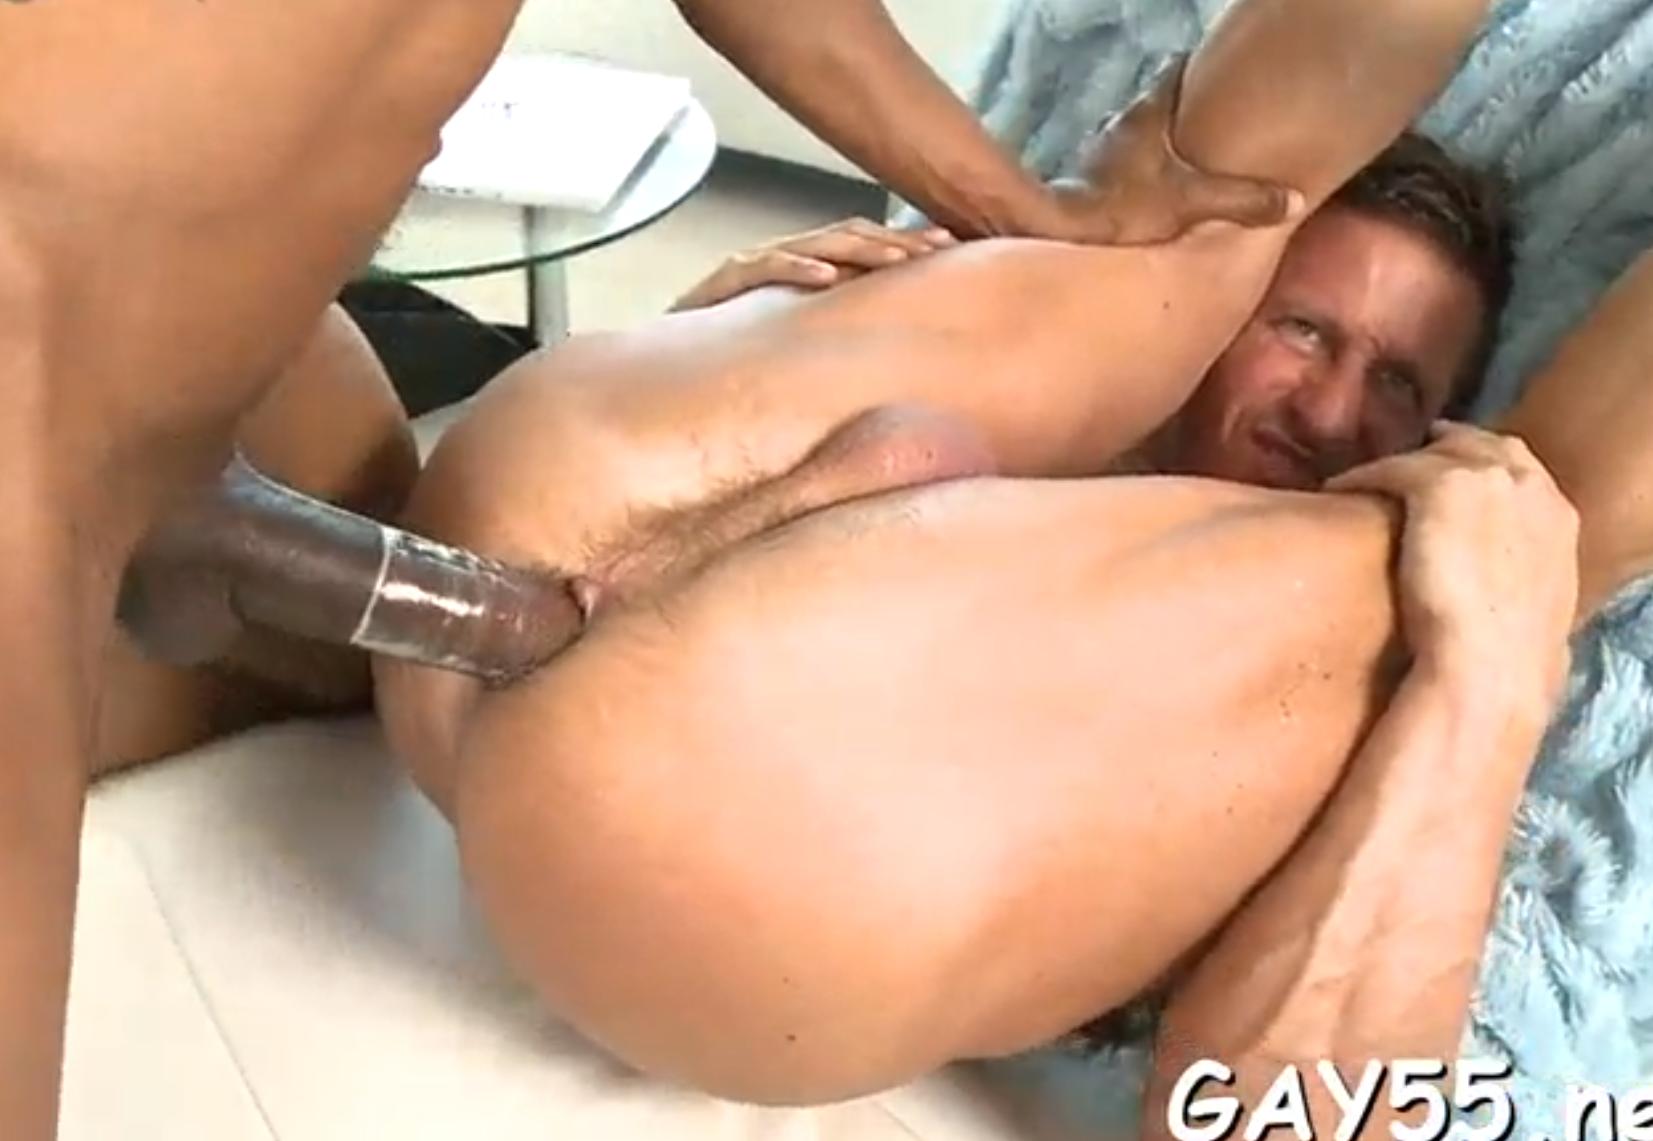 Gay safado se arrependeu de da o cu pro negão